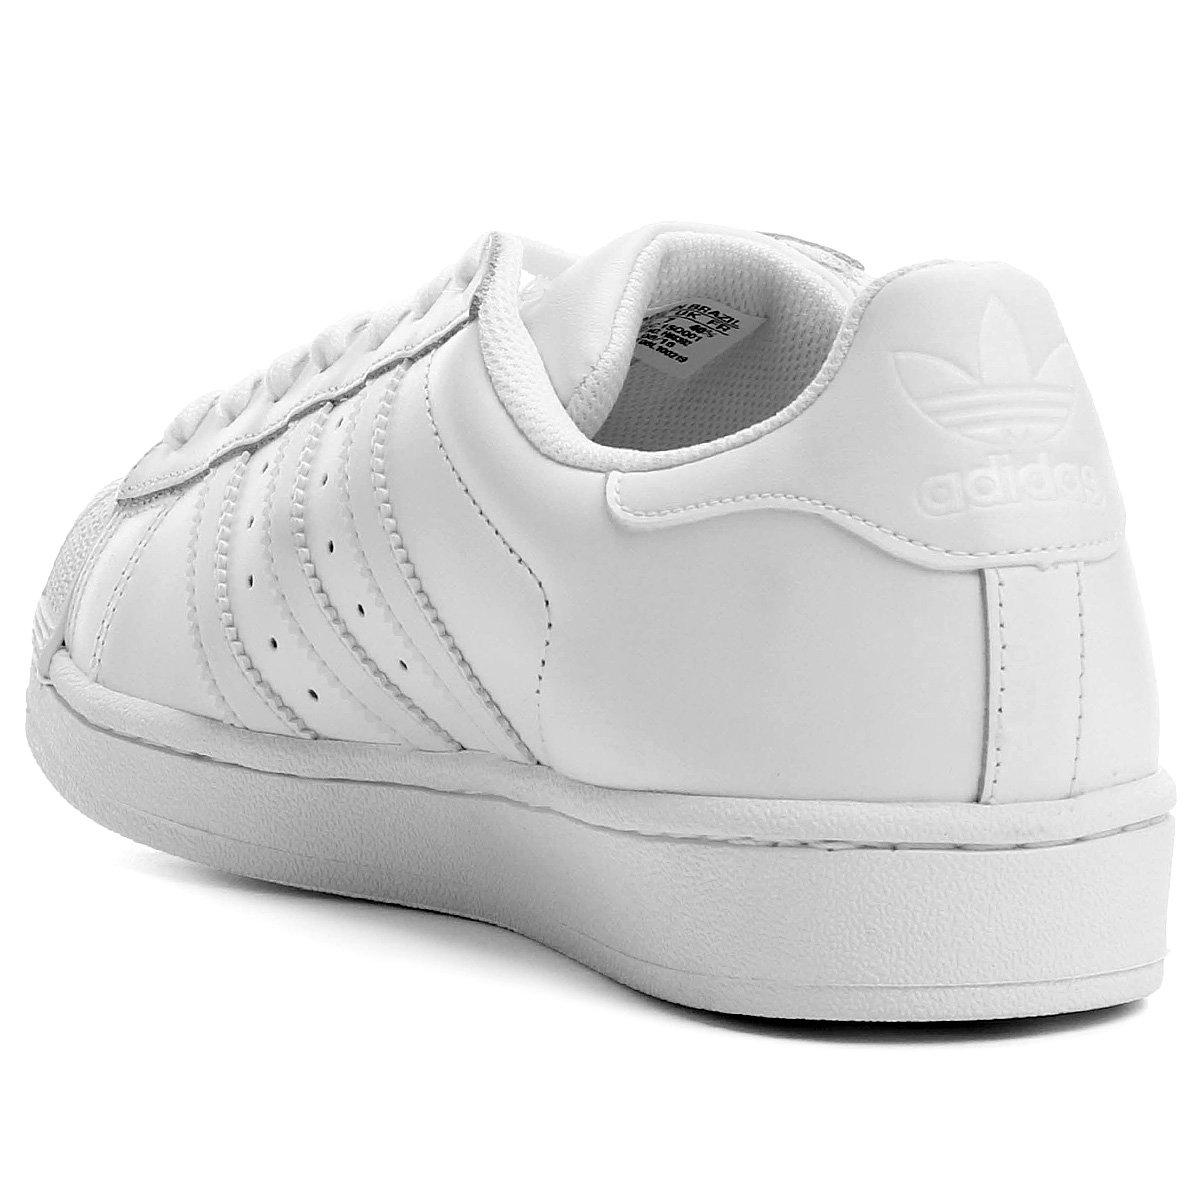 b2aee6f13b4ab canada tênis adidas superstar foundation branco c890b 886d6